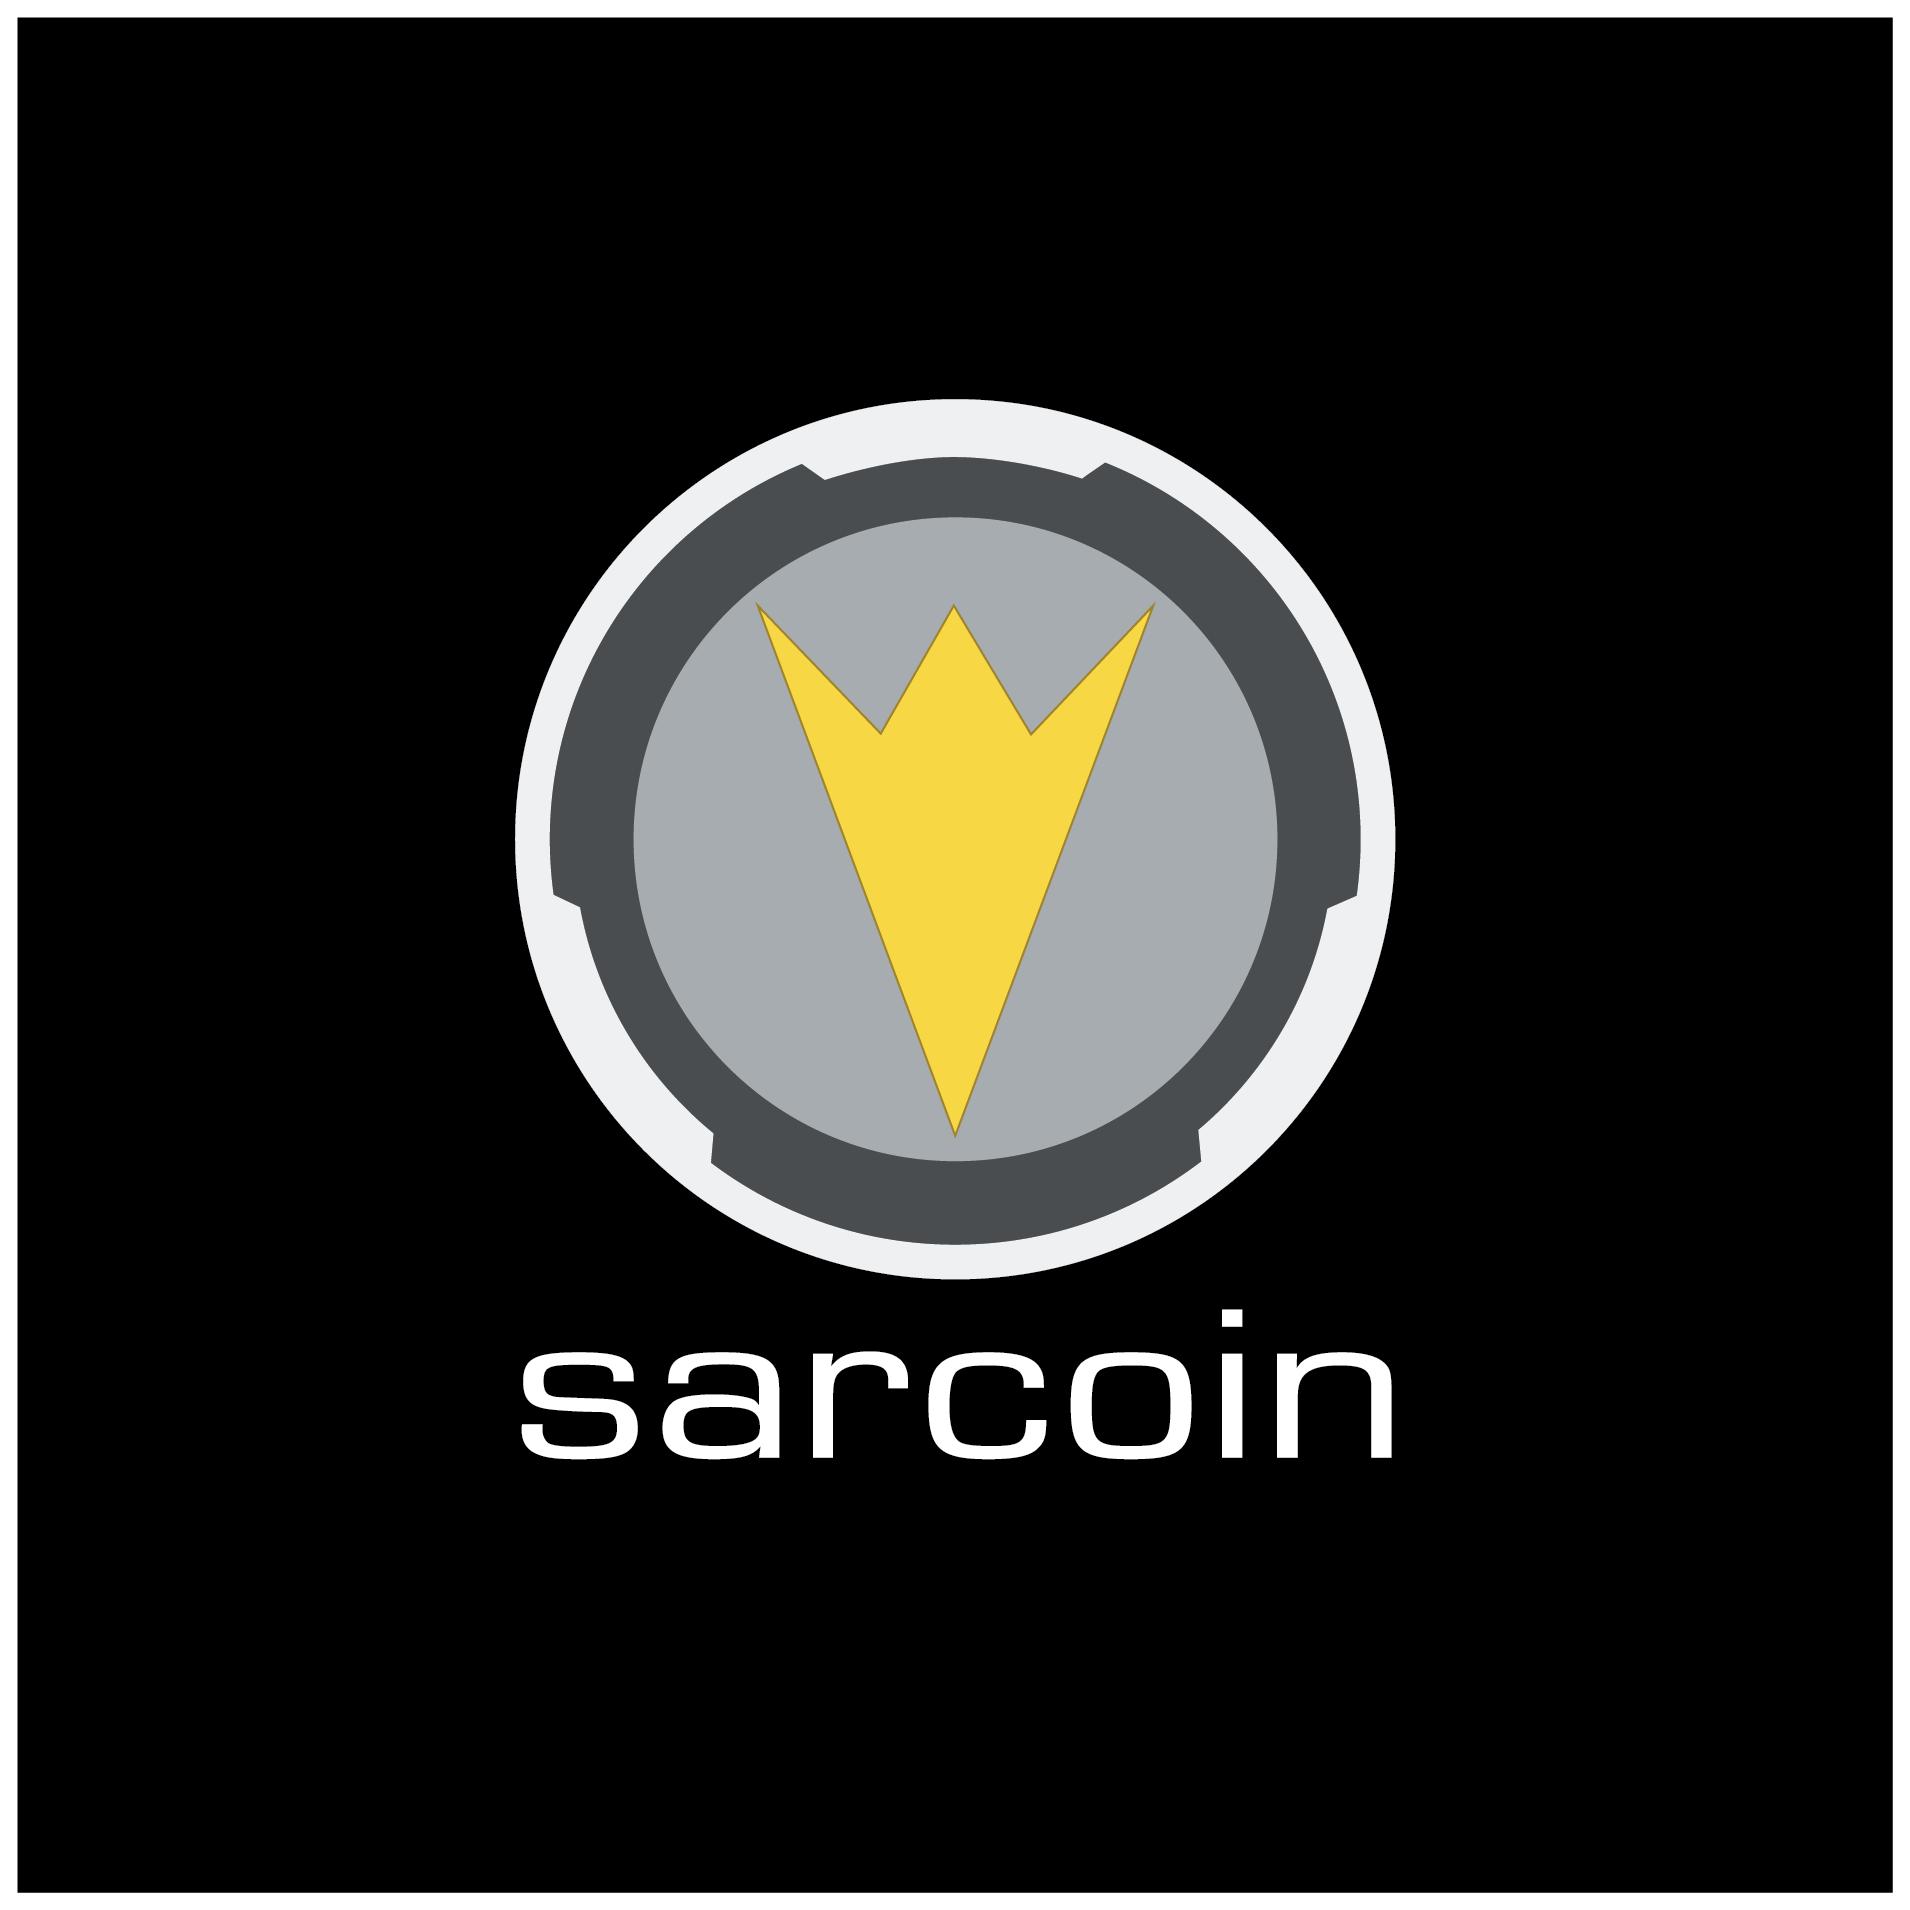 sarcoin-dbr